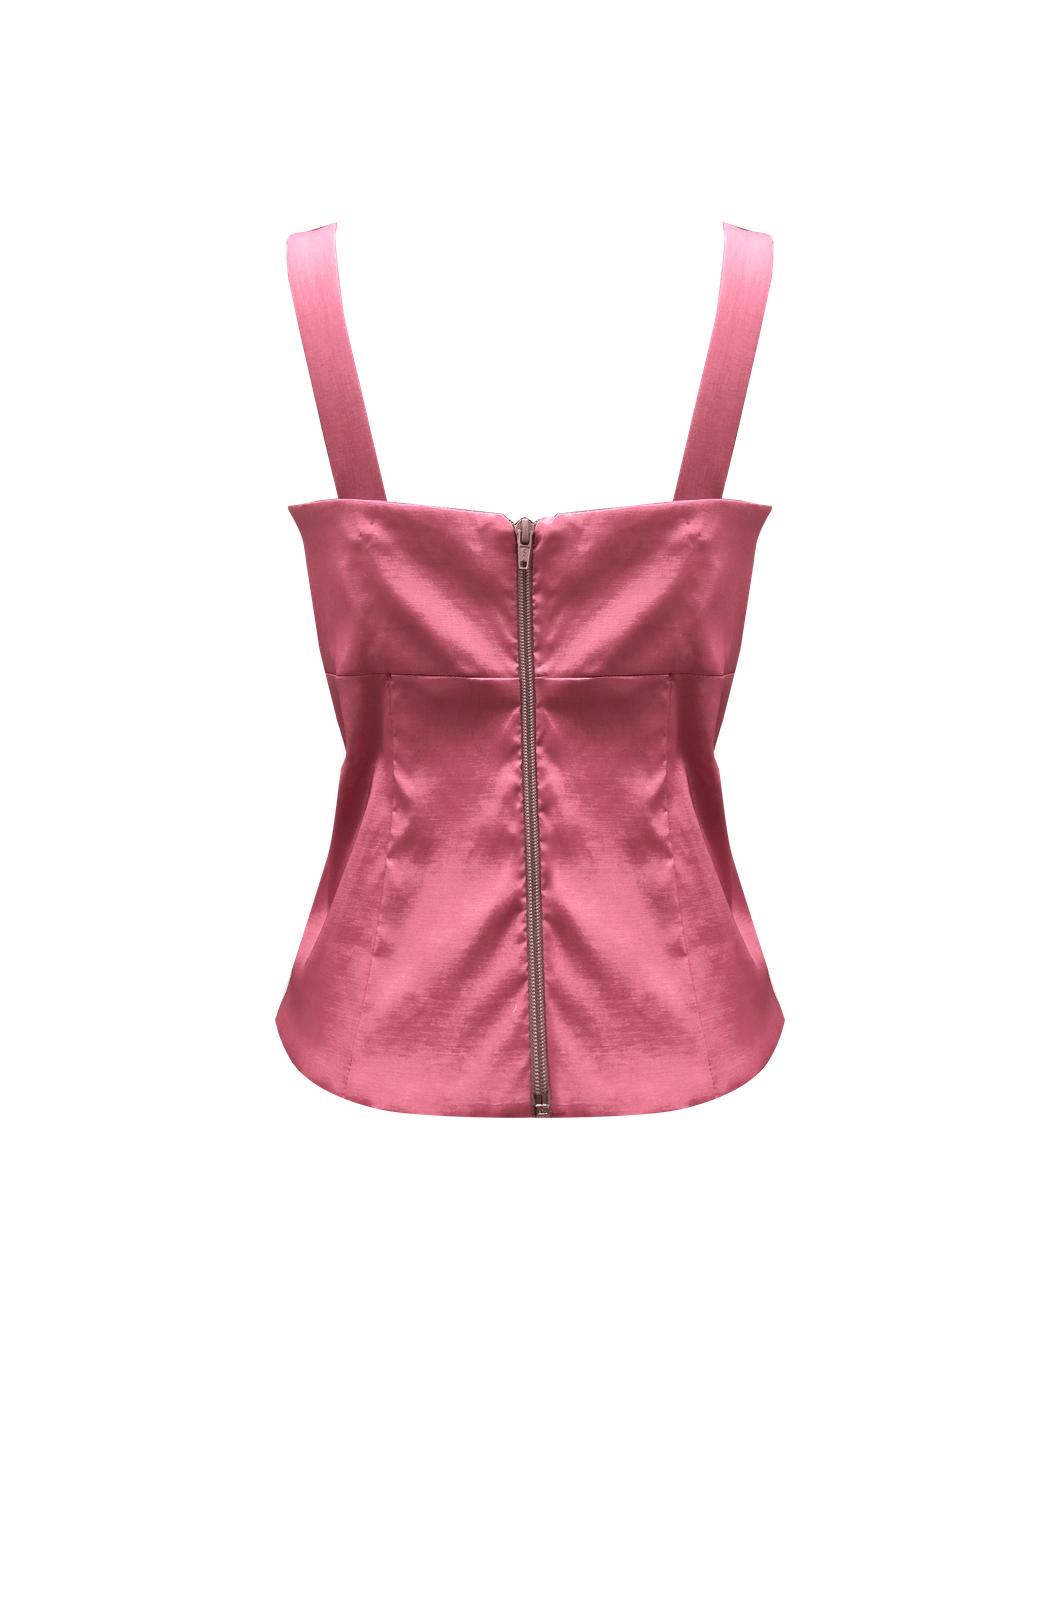 lusa de tiras con prences en busto rosa Ref 4968-9 Chazari